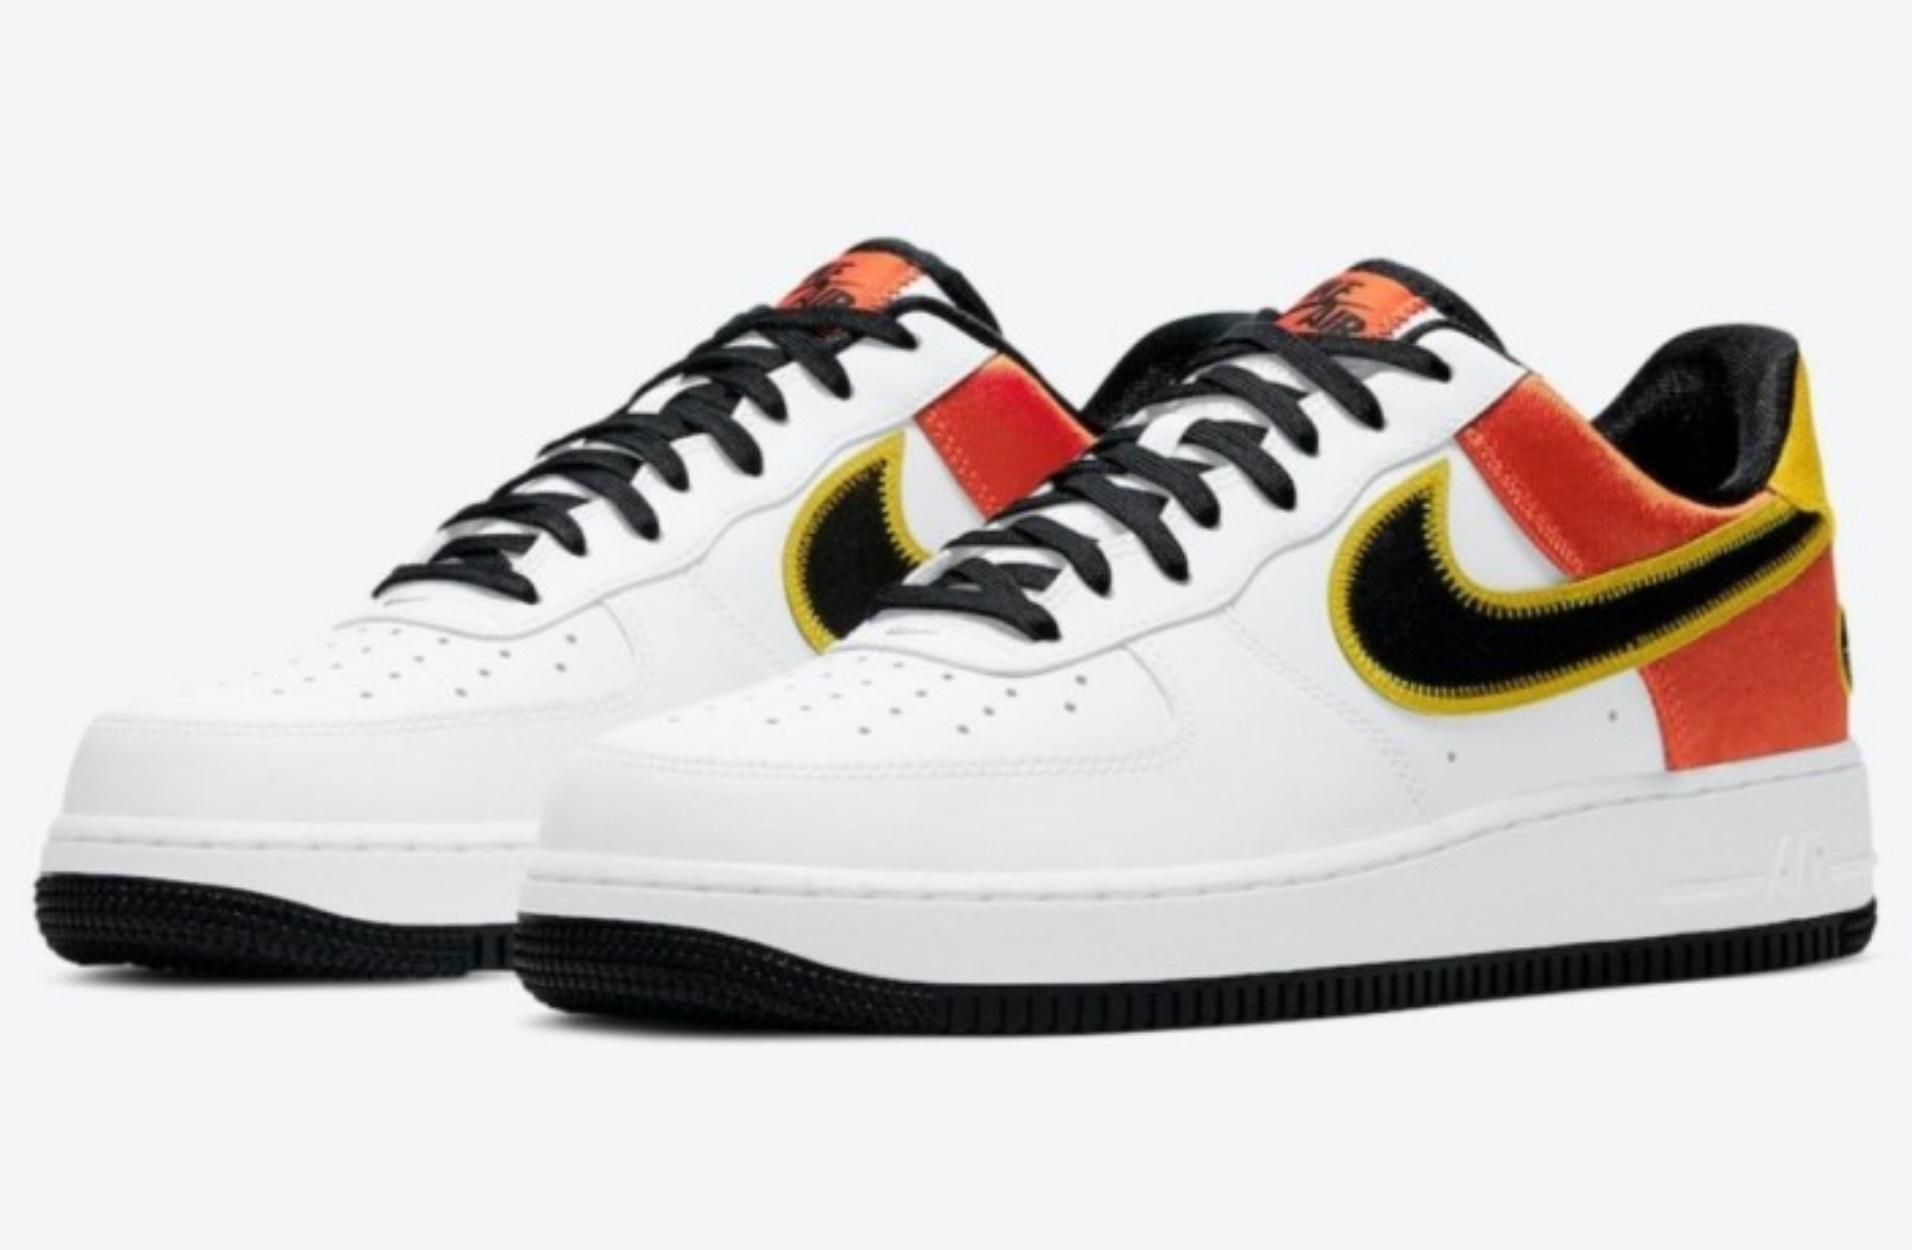 Δείτε το νέο sneaker της Nike που πρόκειται να κυκλοφορήσει το 2021